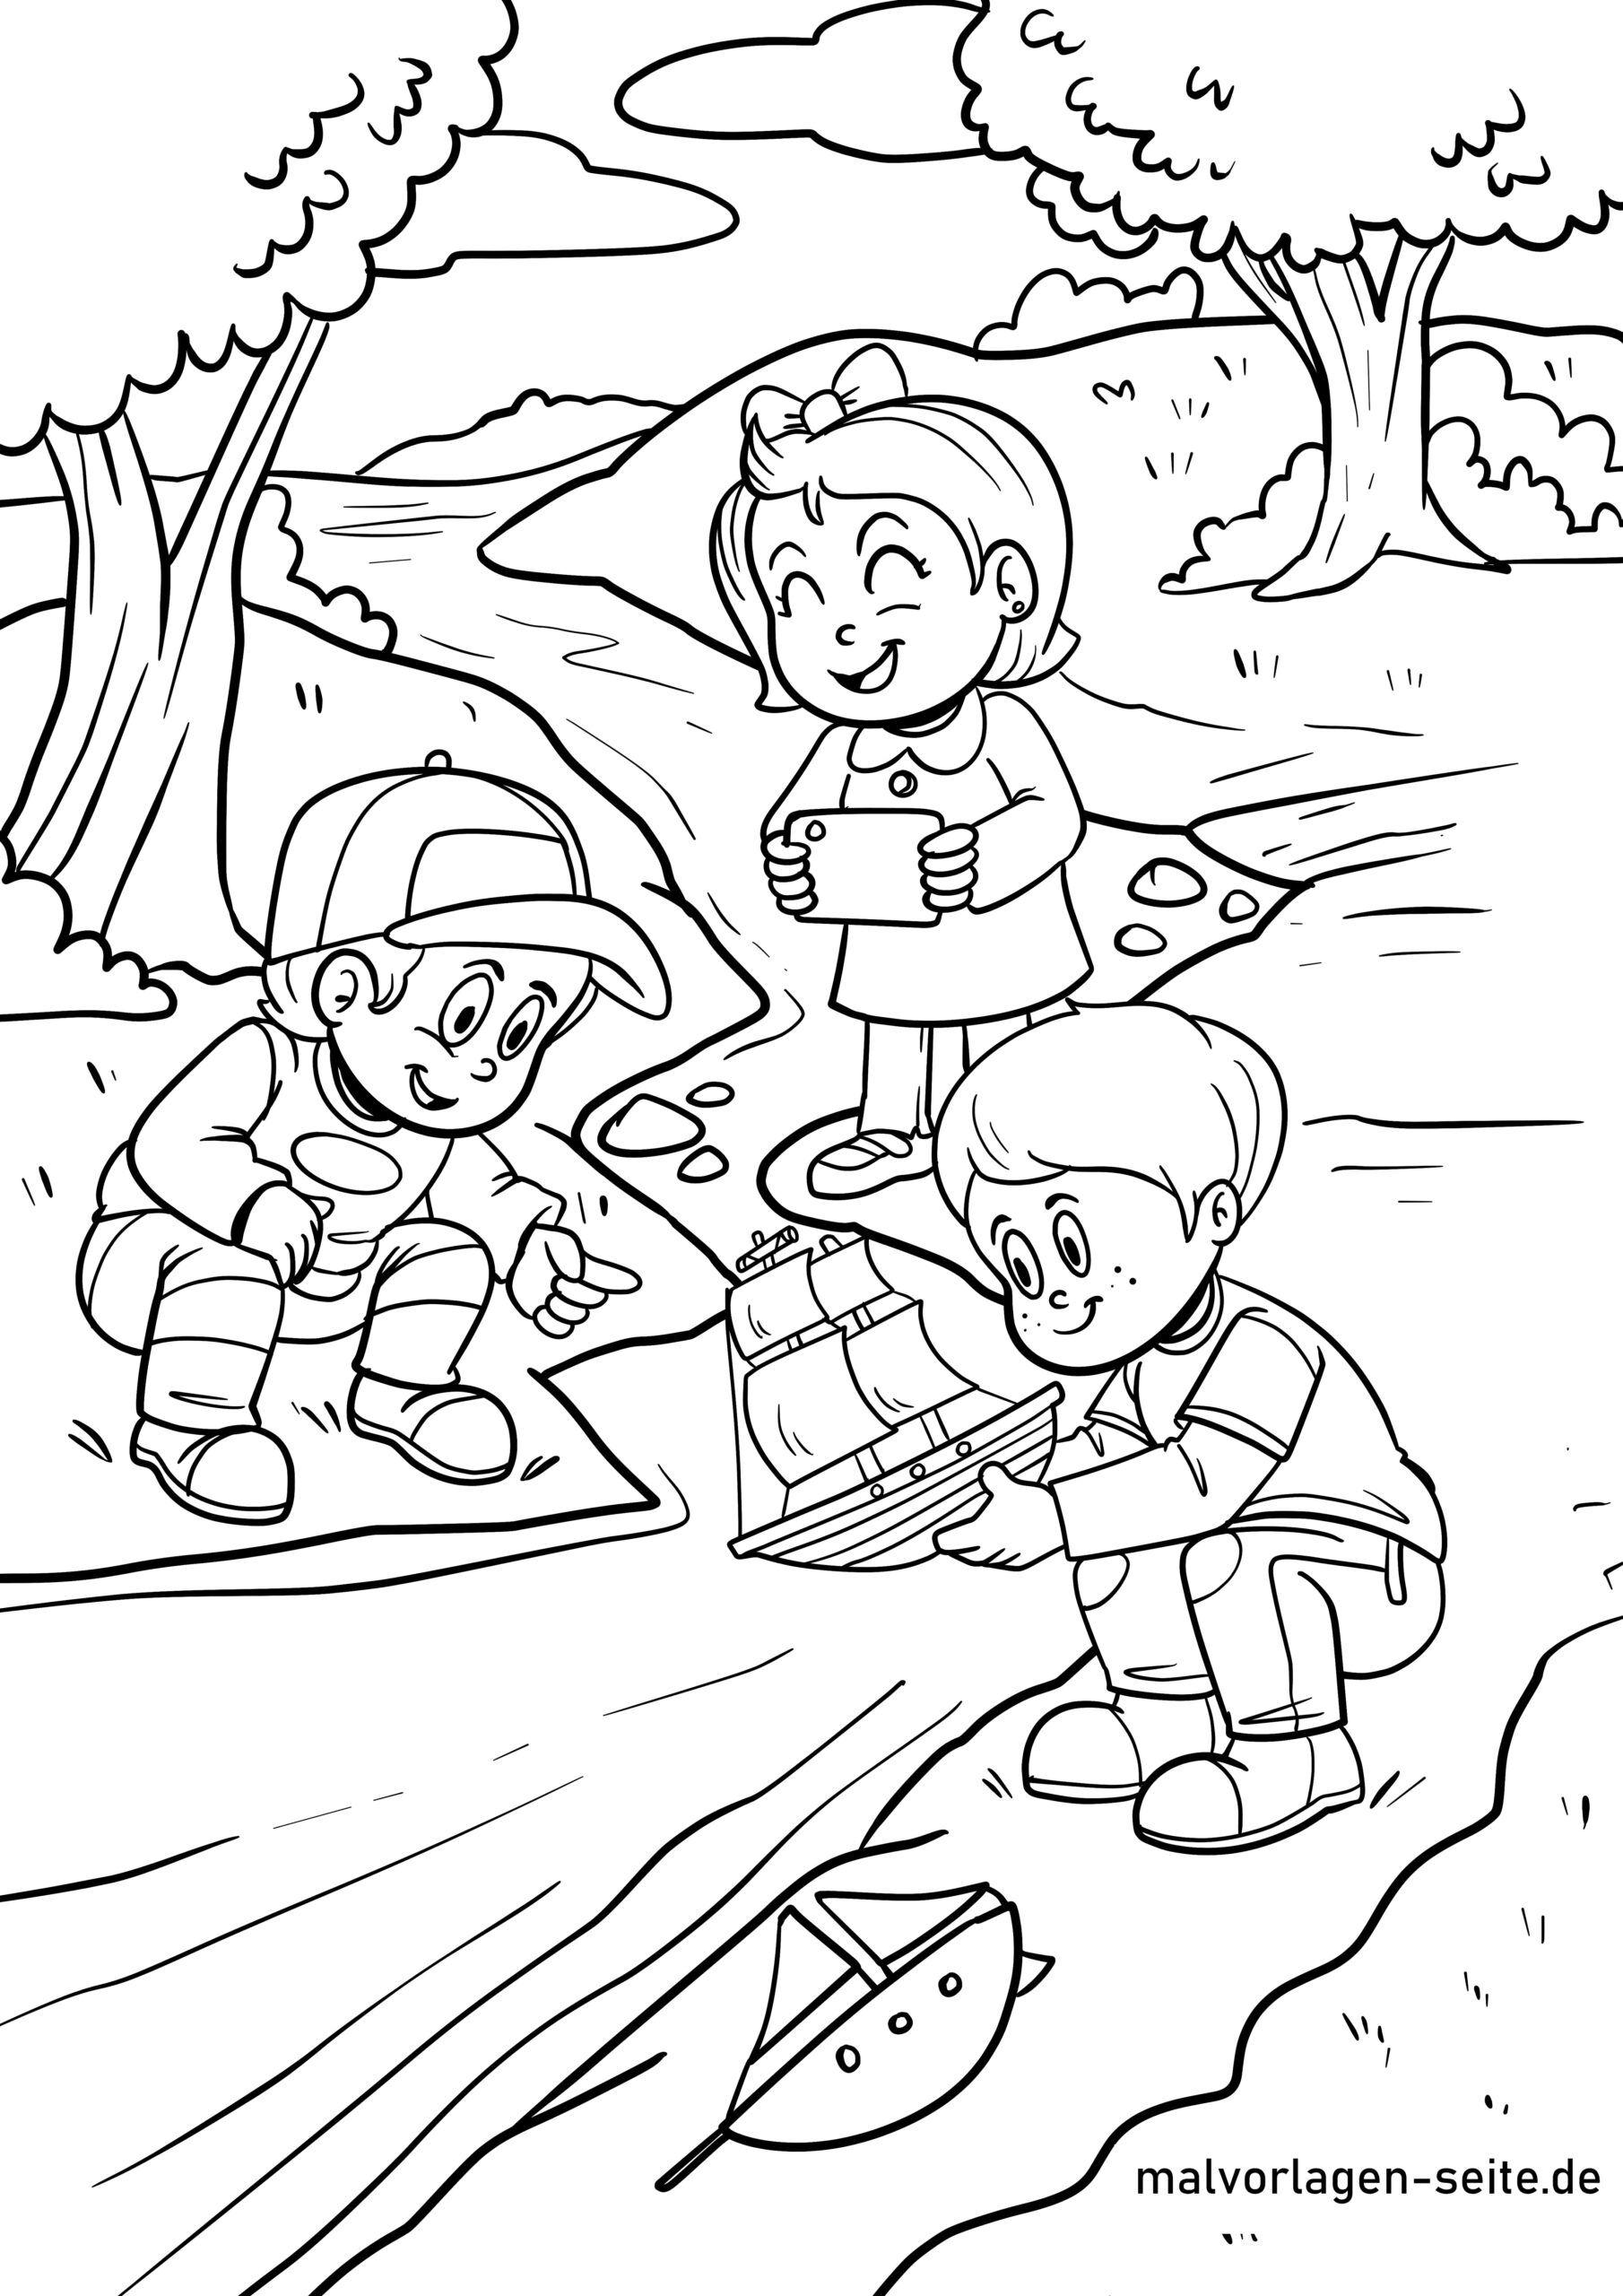 Boyama səhifəsi oynayan uşaqlar